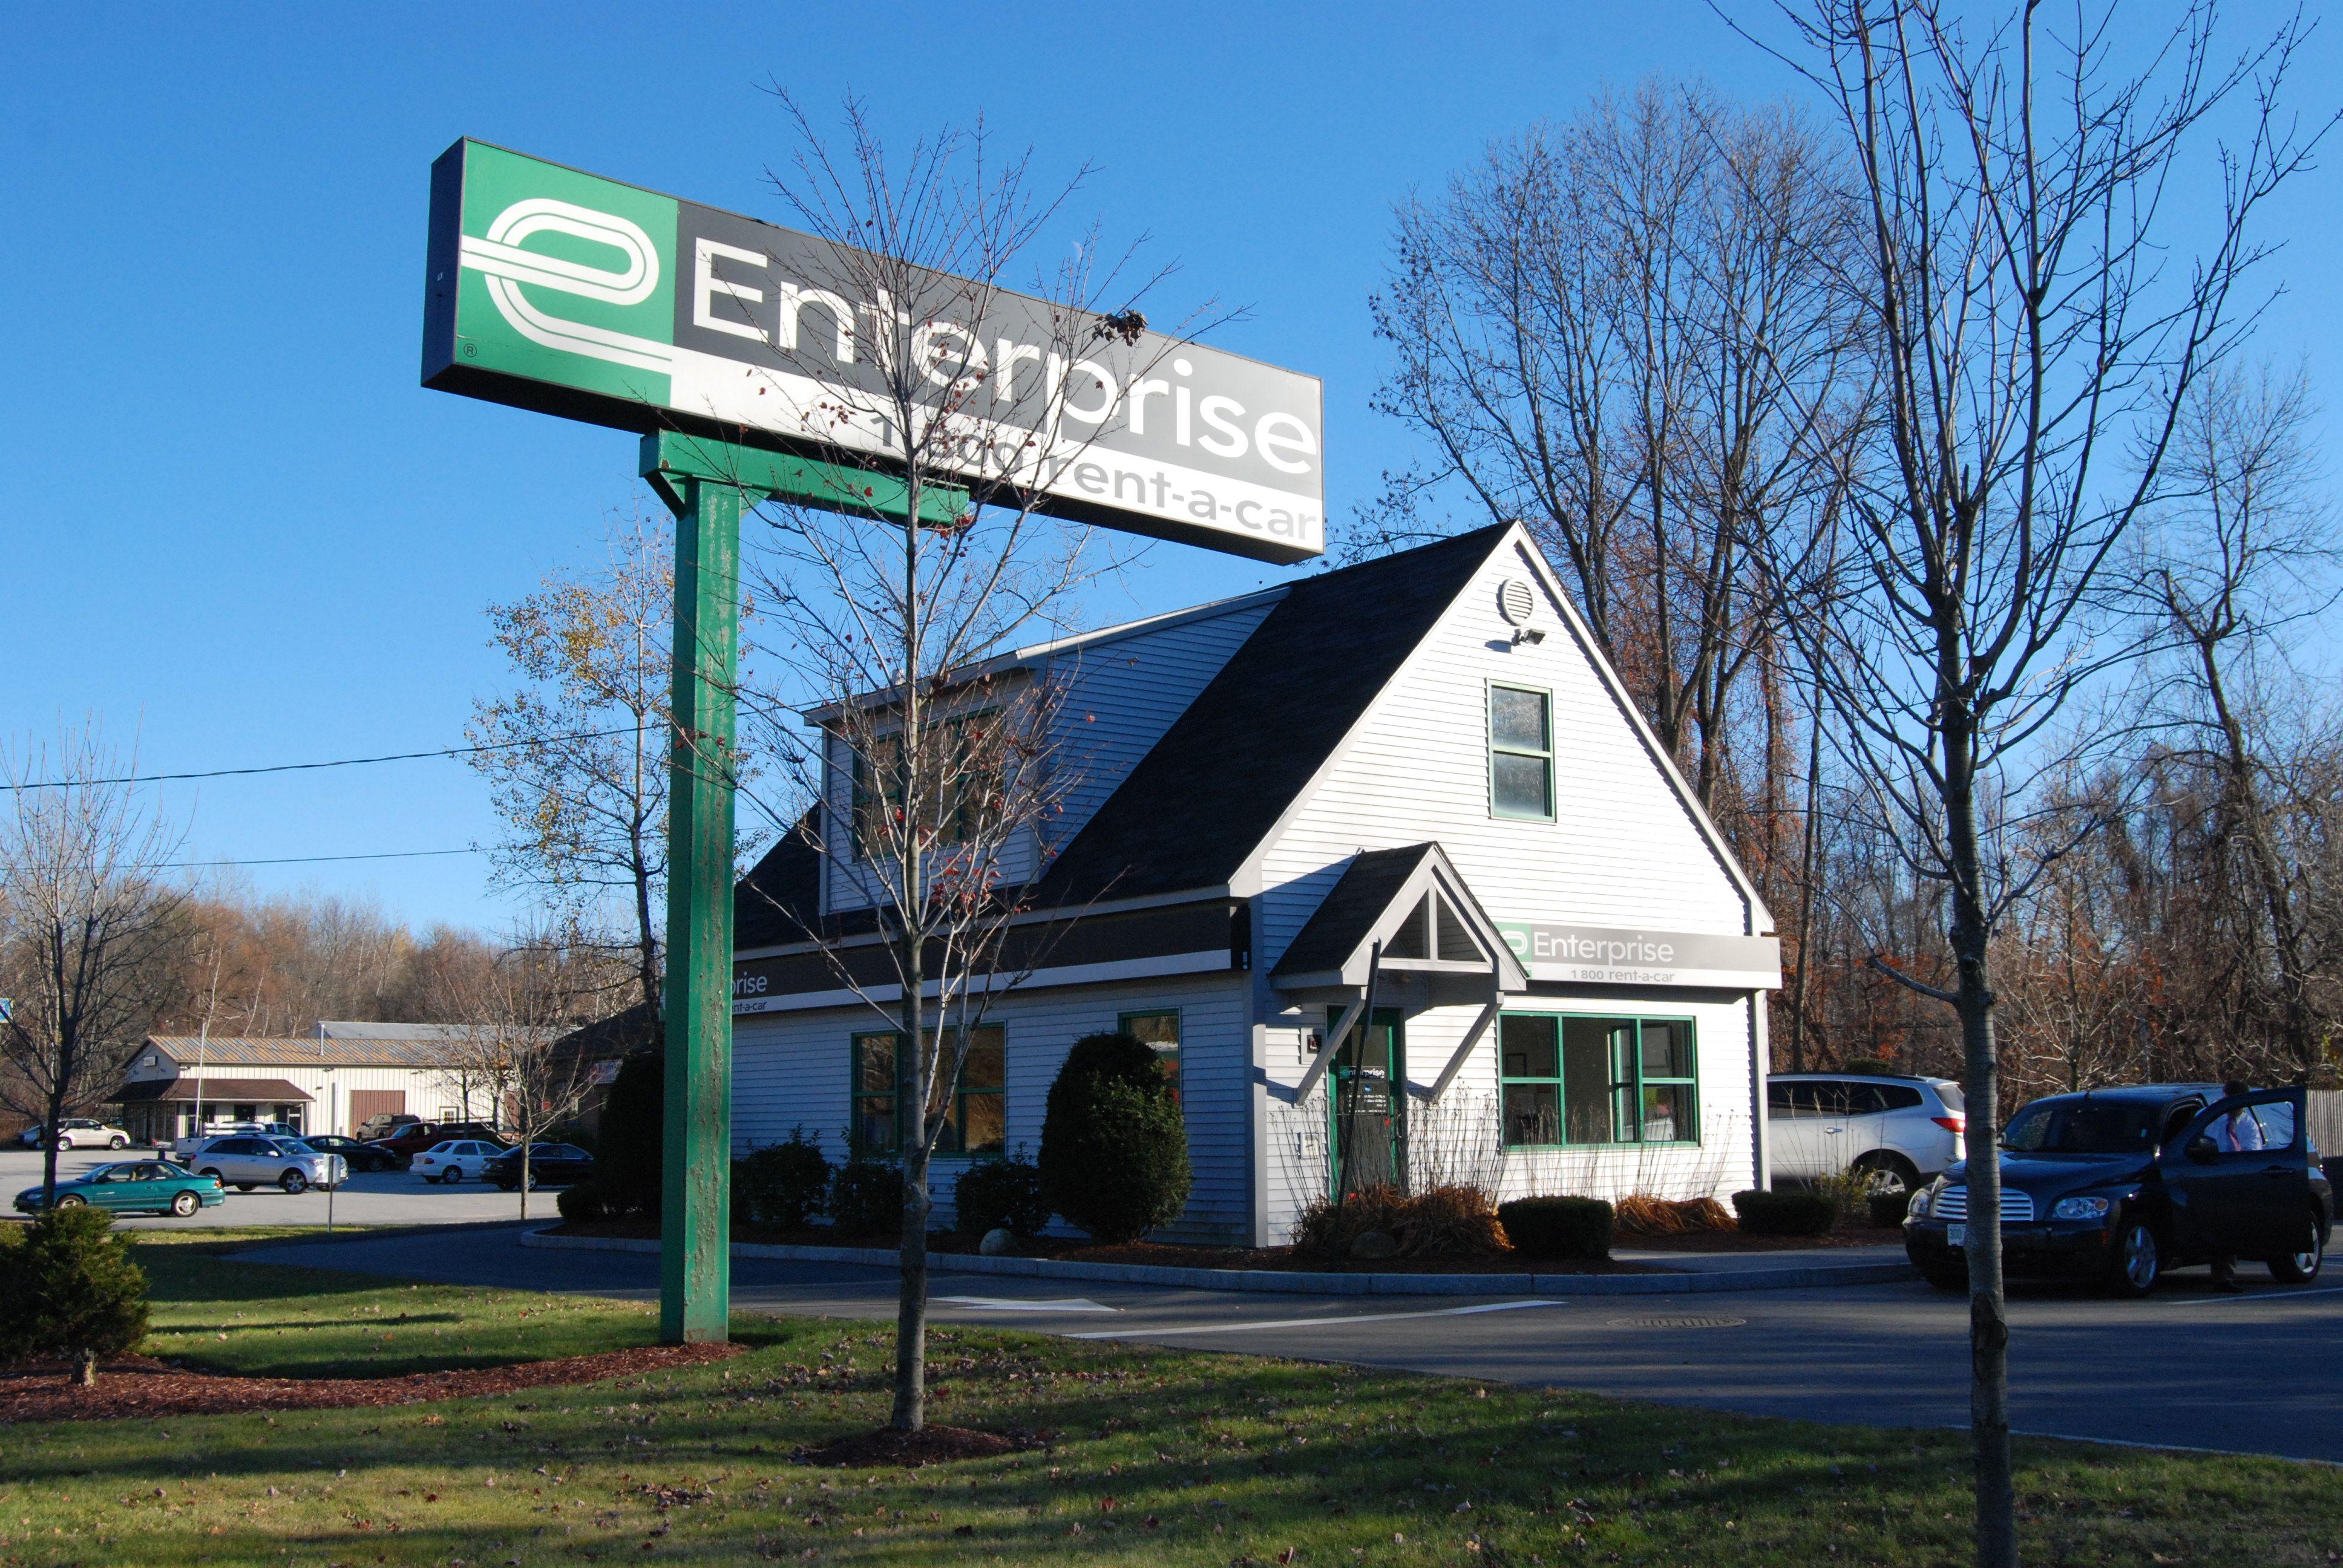 Enterprise Rent A Car In Concord Nh Enterprise Car Rental Enterprise Car Rental Coupons Enterprise Rent A Car